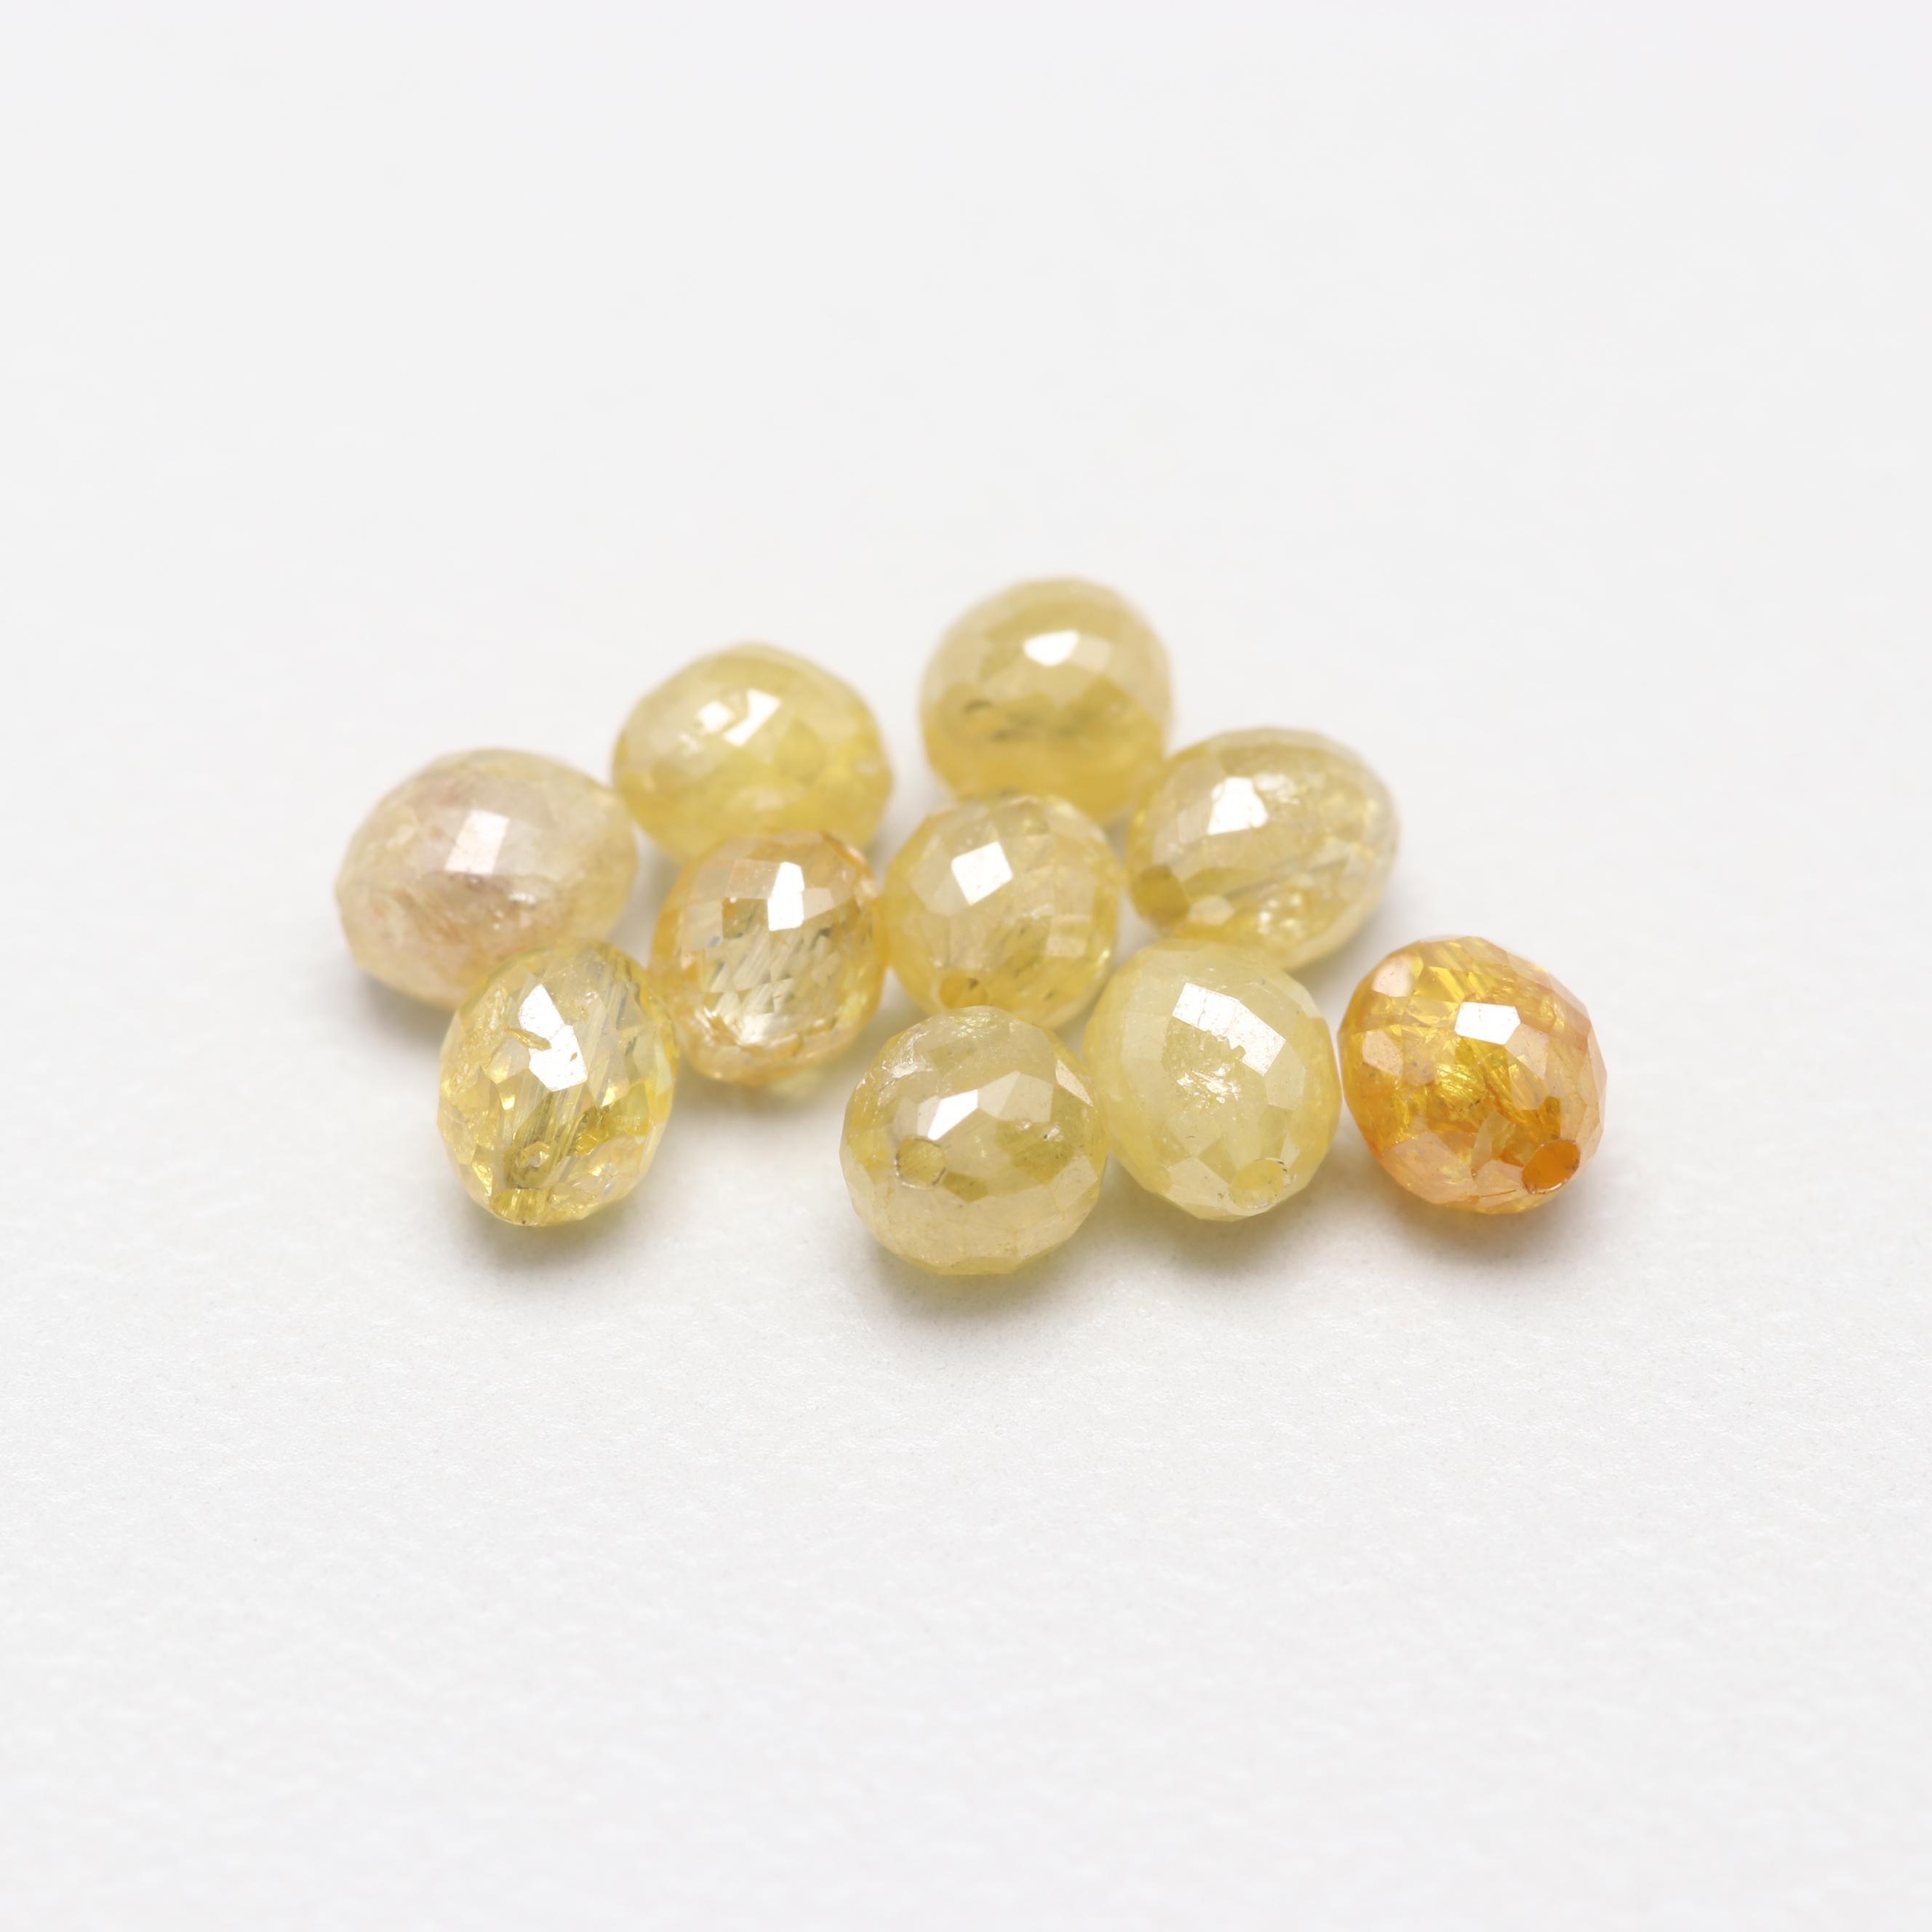 Loose 2.30 CTW Yellow Diamonds